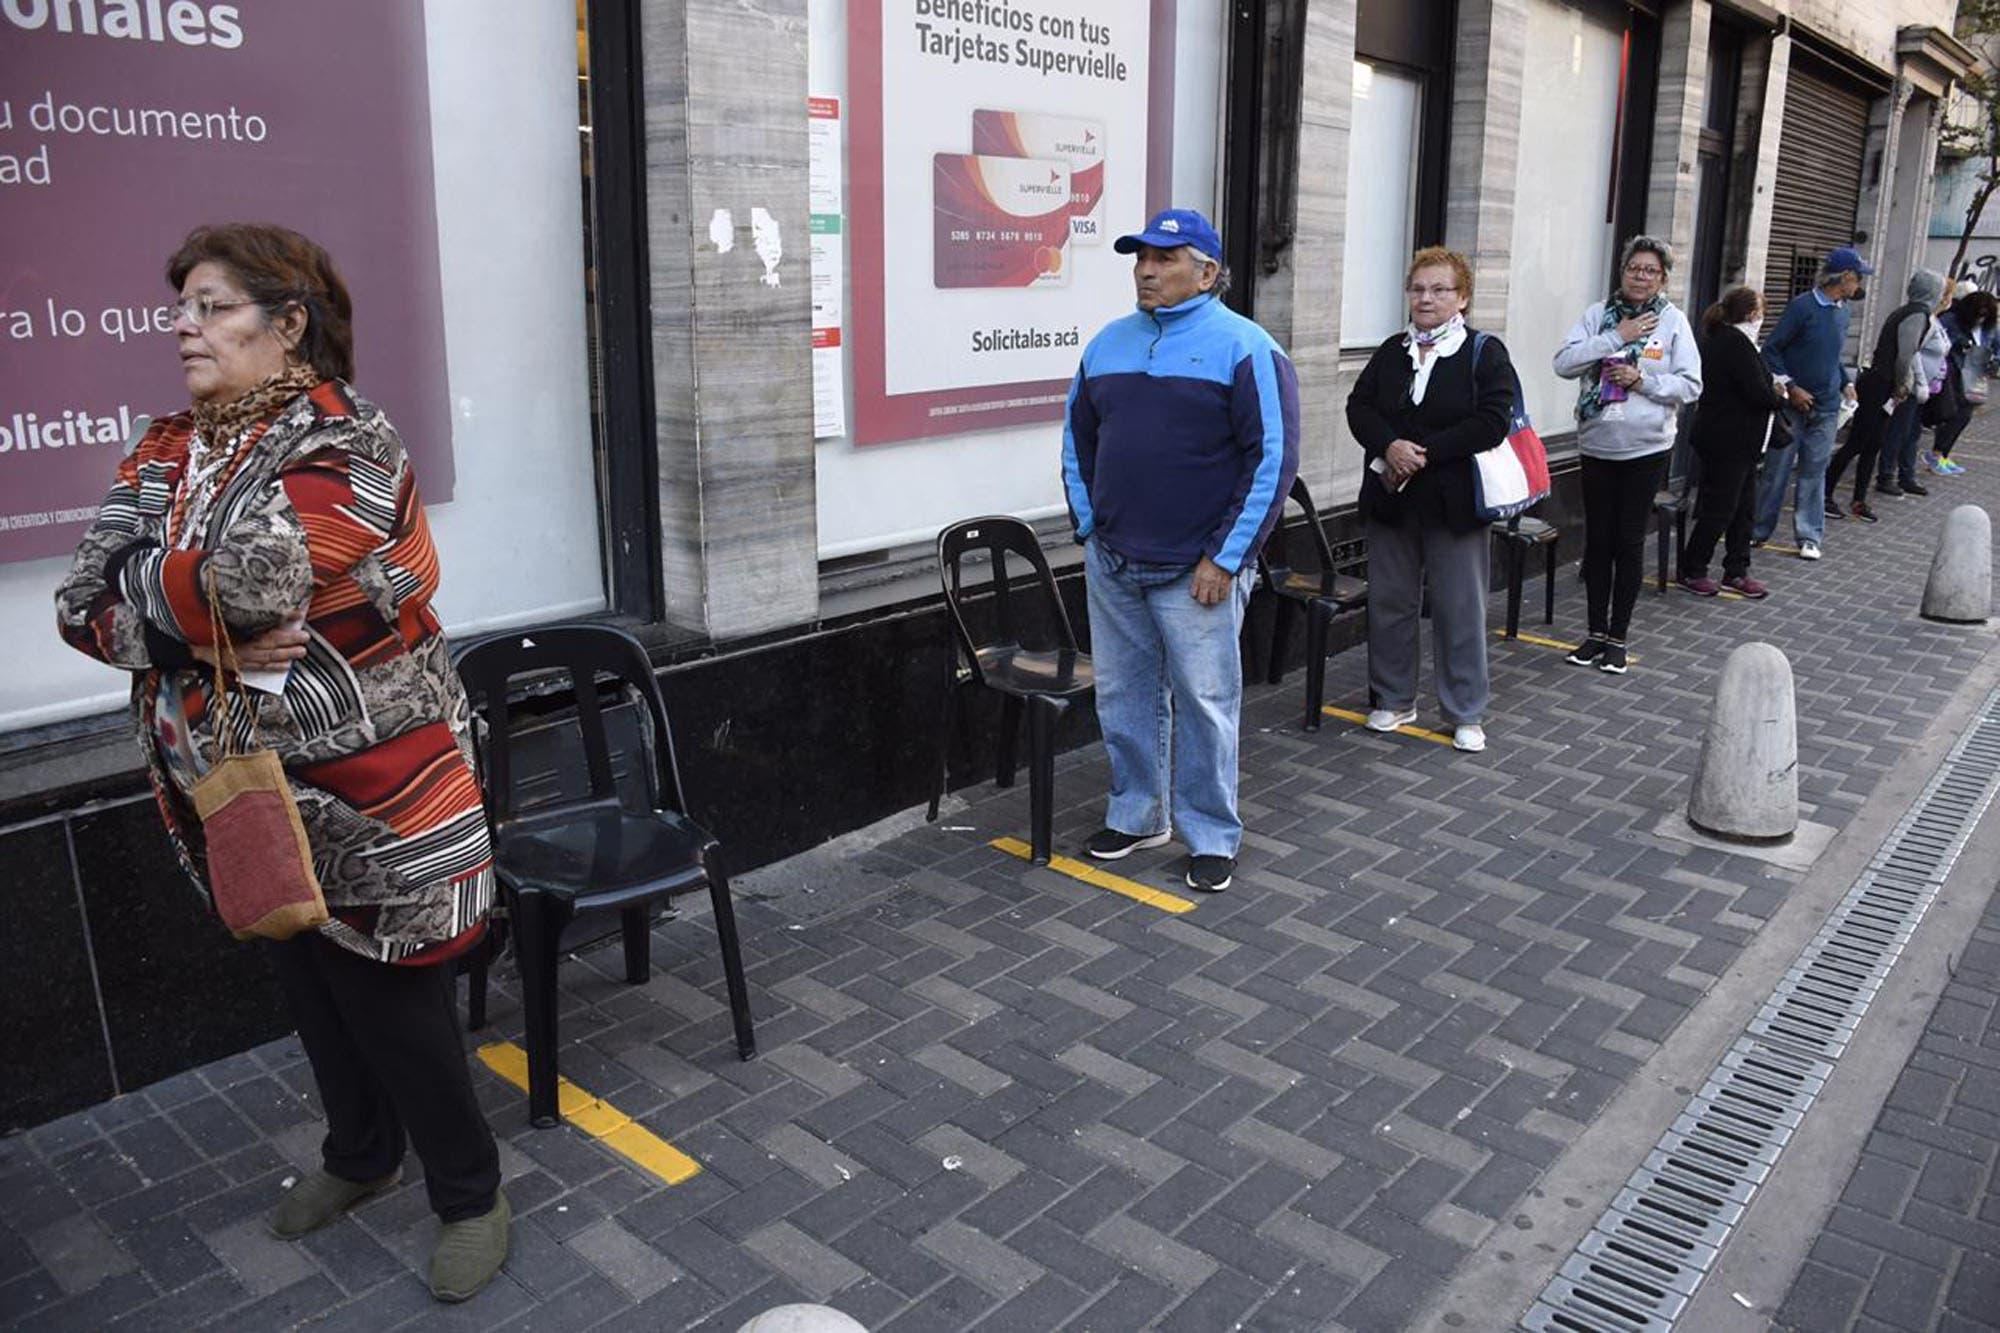 Jubilaciones y pensiones: la Anses modificó el esquema de pagos previsto para esta semana